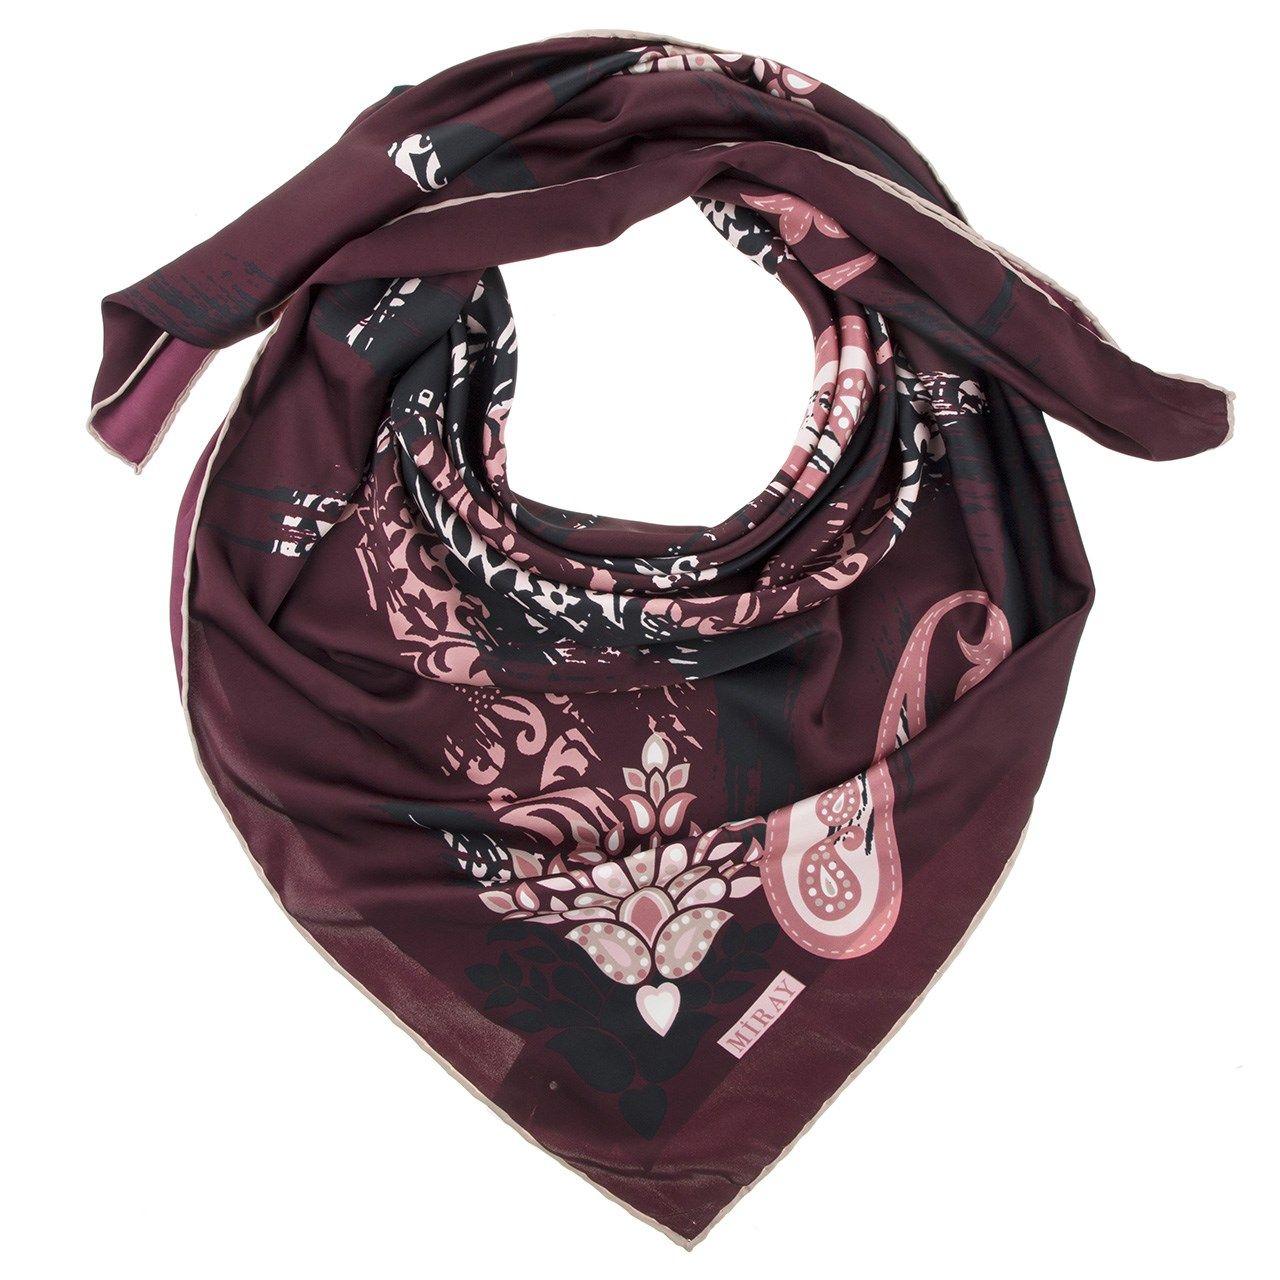 روسری میرای مدل M-244 - شال مارکت -  - 2